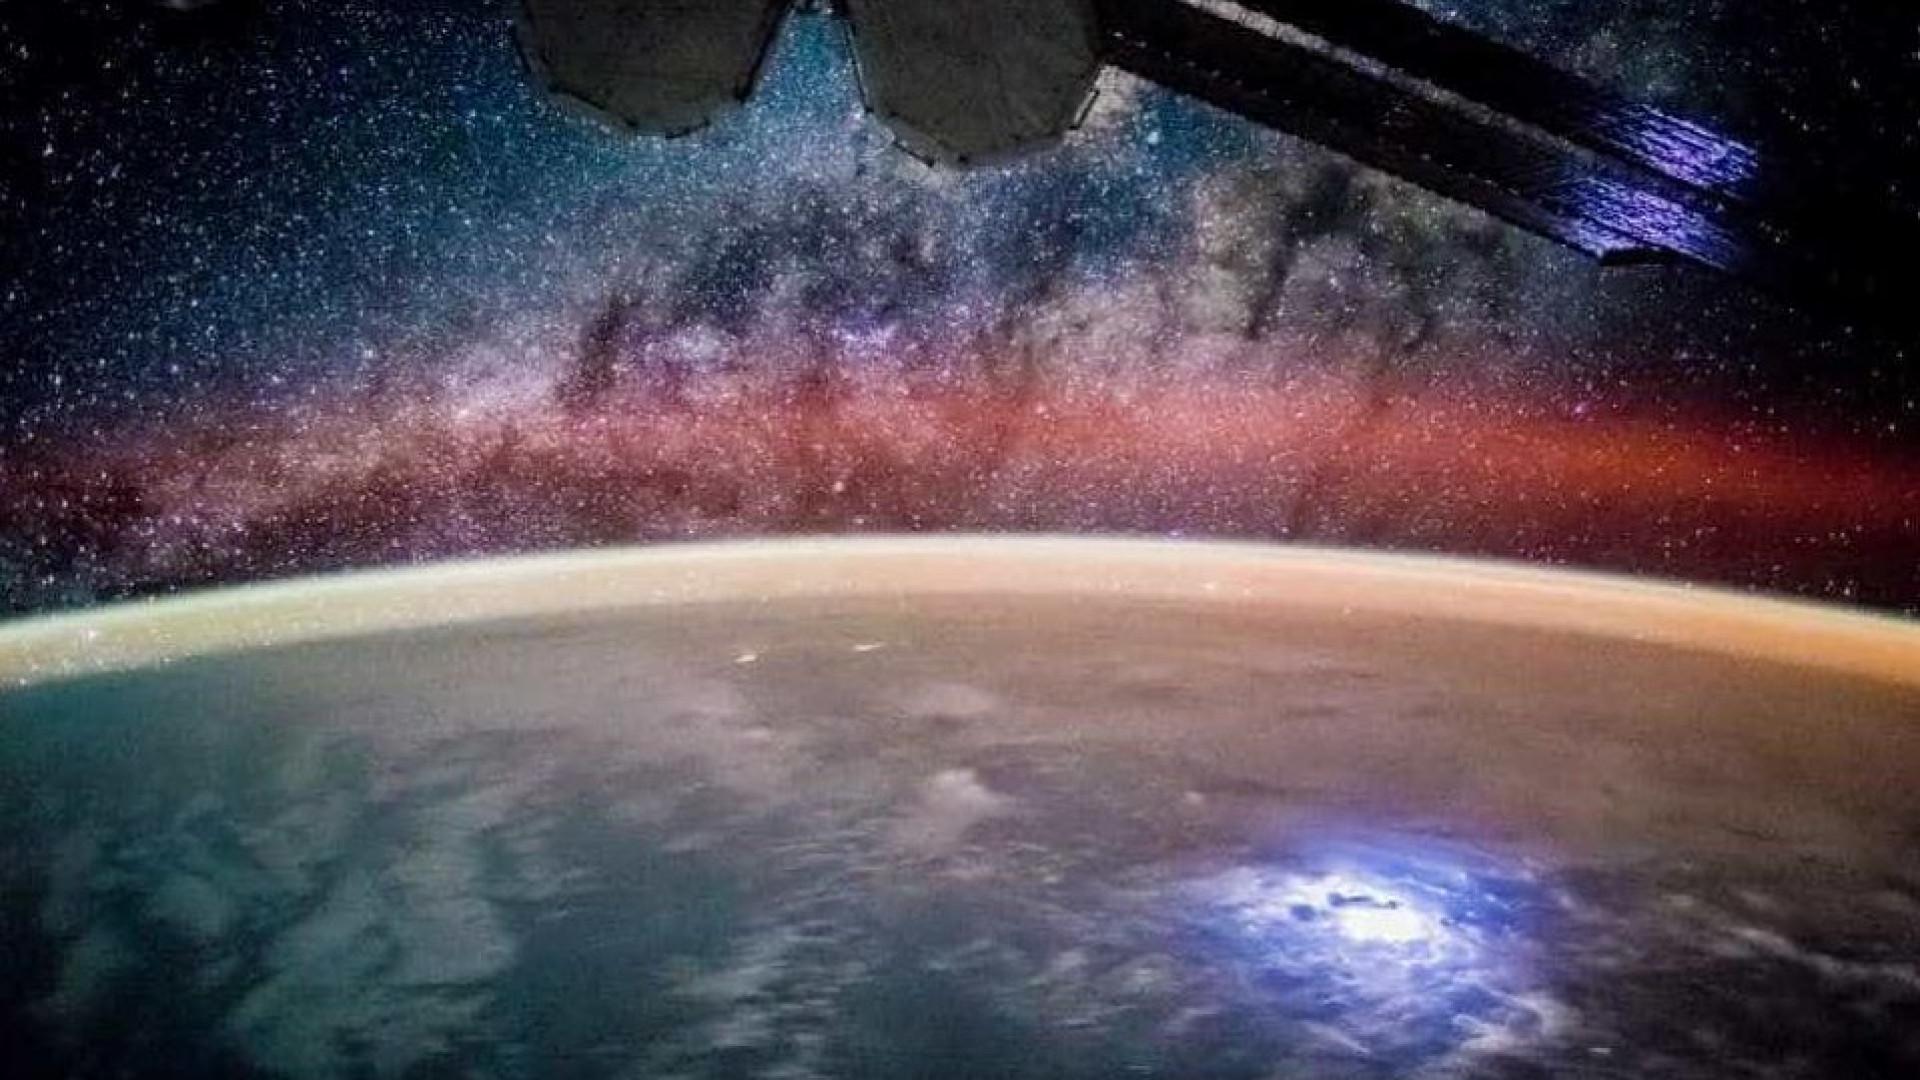 Centro da Via Láctea poderia ter dezenas de milhares de buracos negros